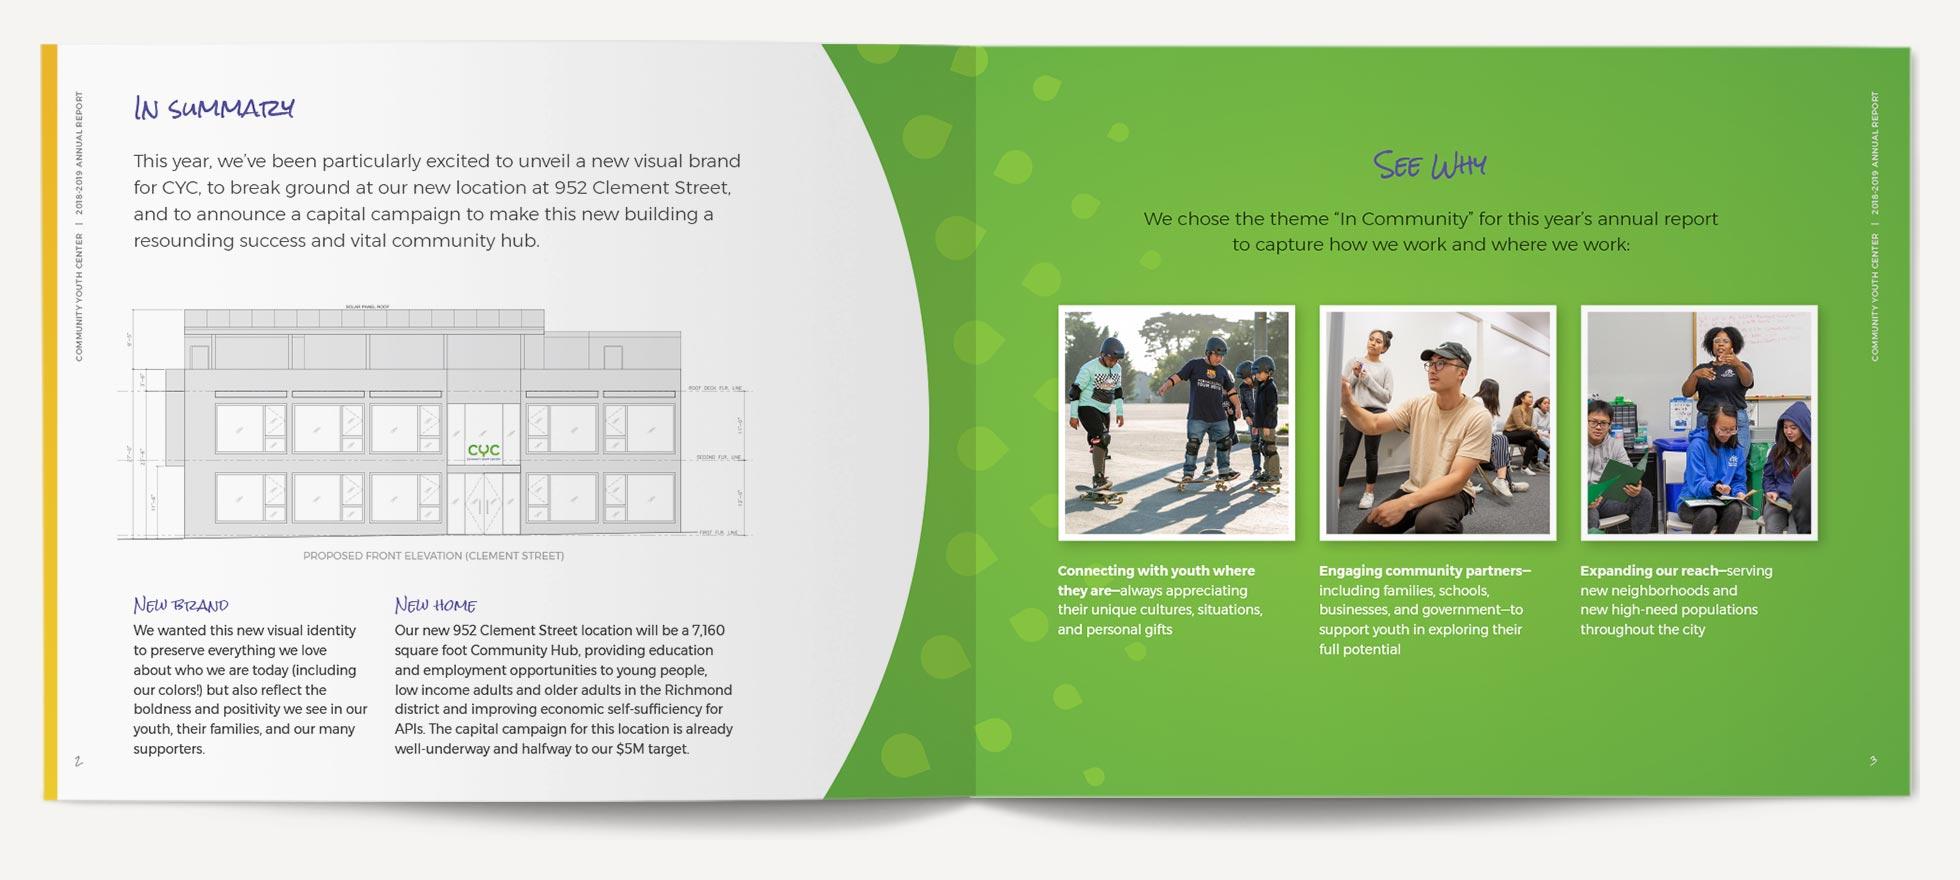 CYC Annual Report Interior Spread 2